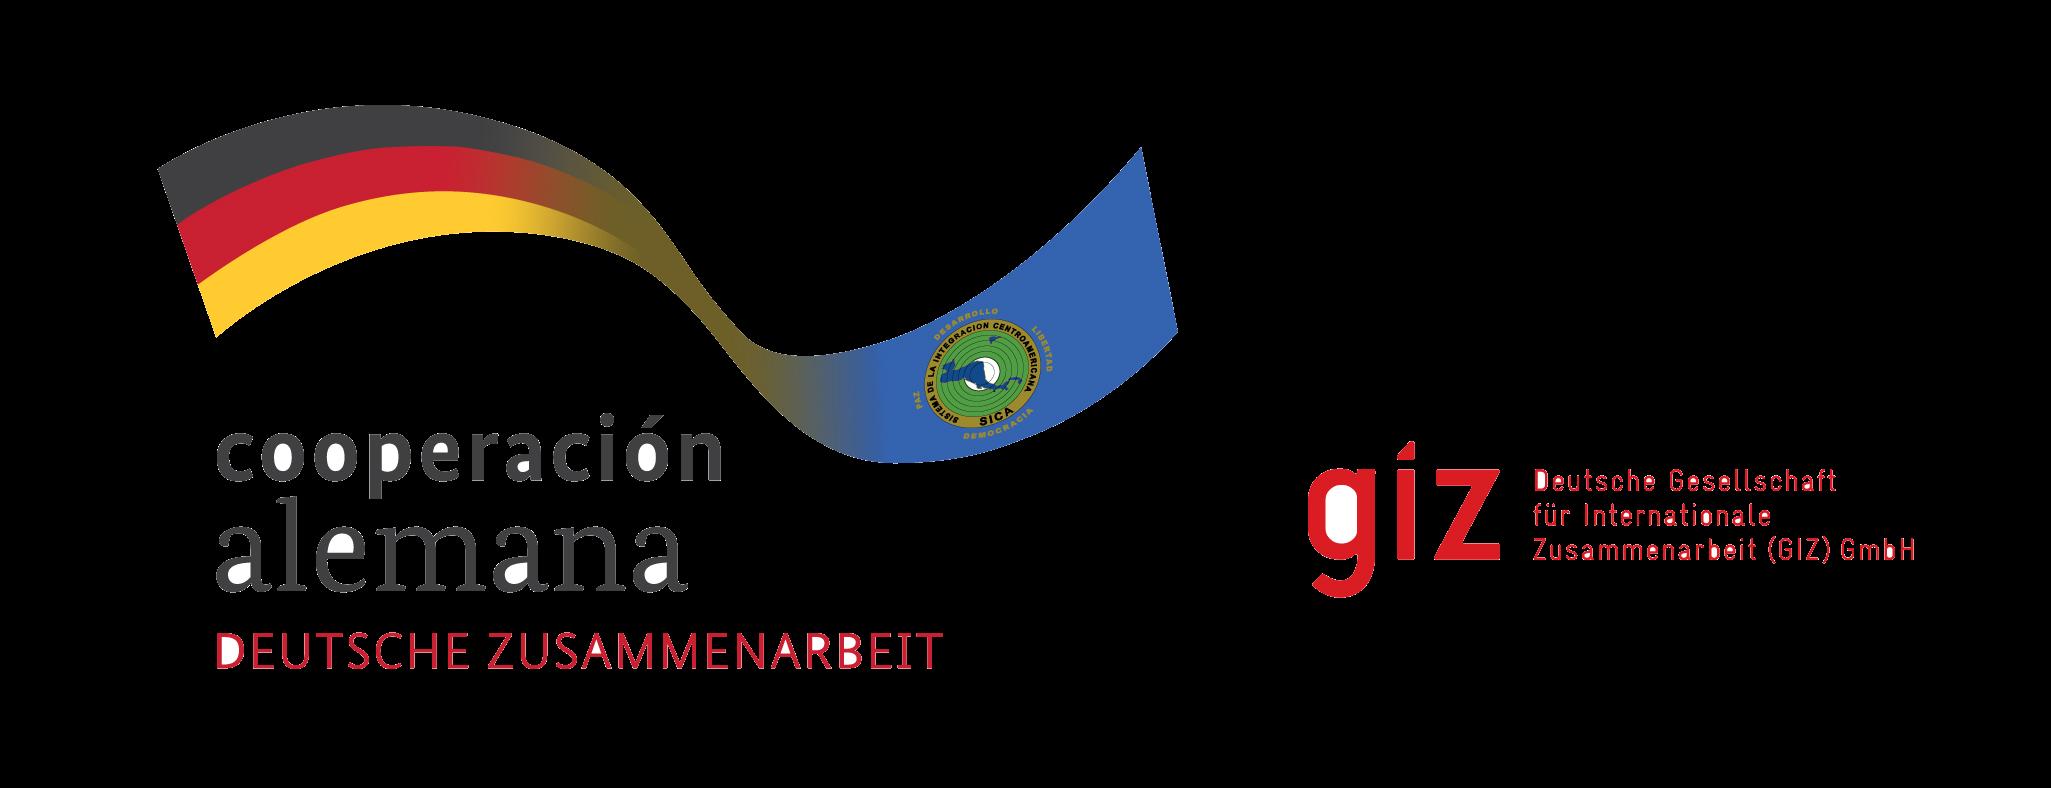 https://www.giz.de/de/html/index.html